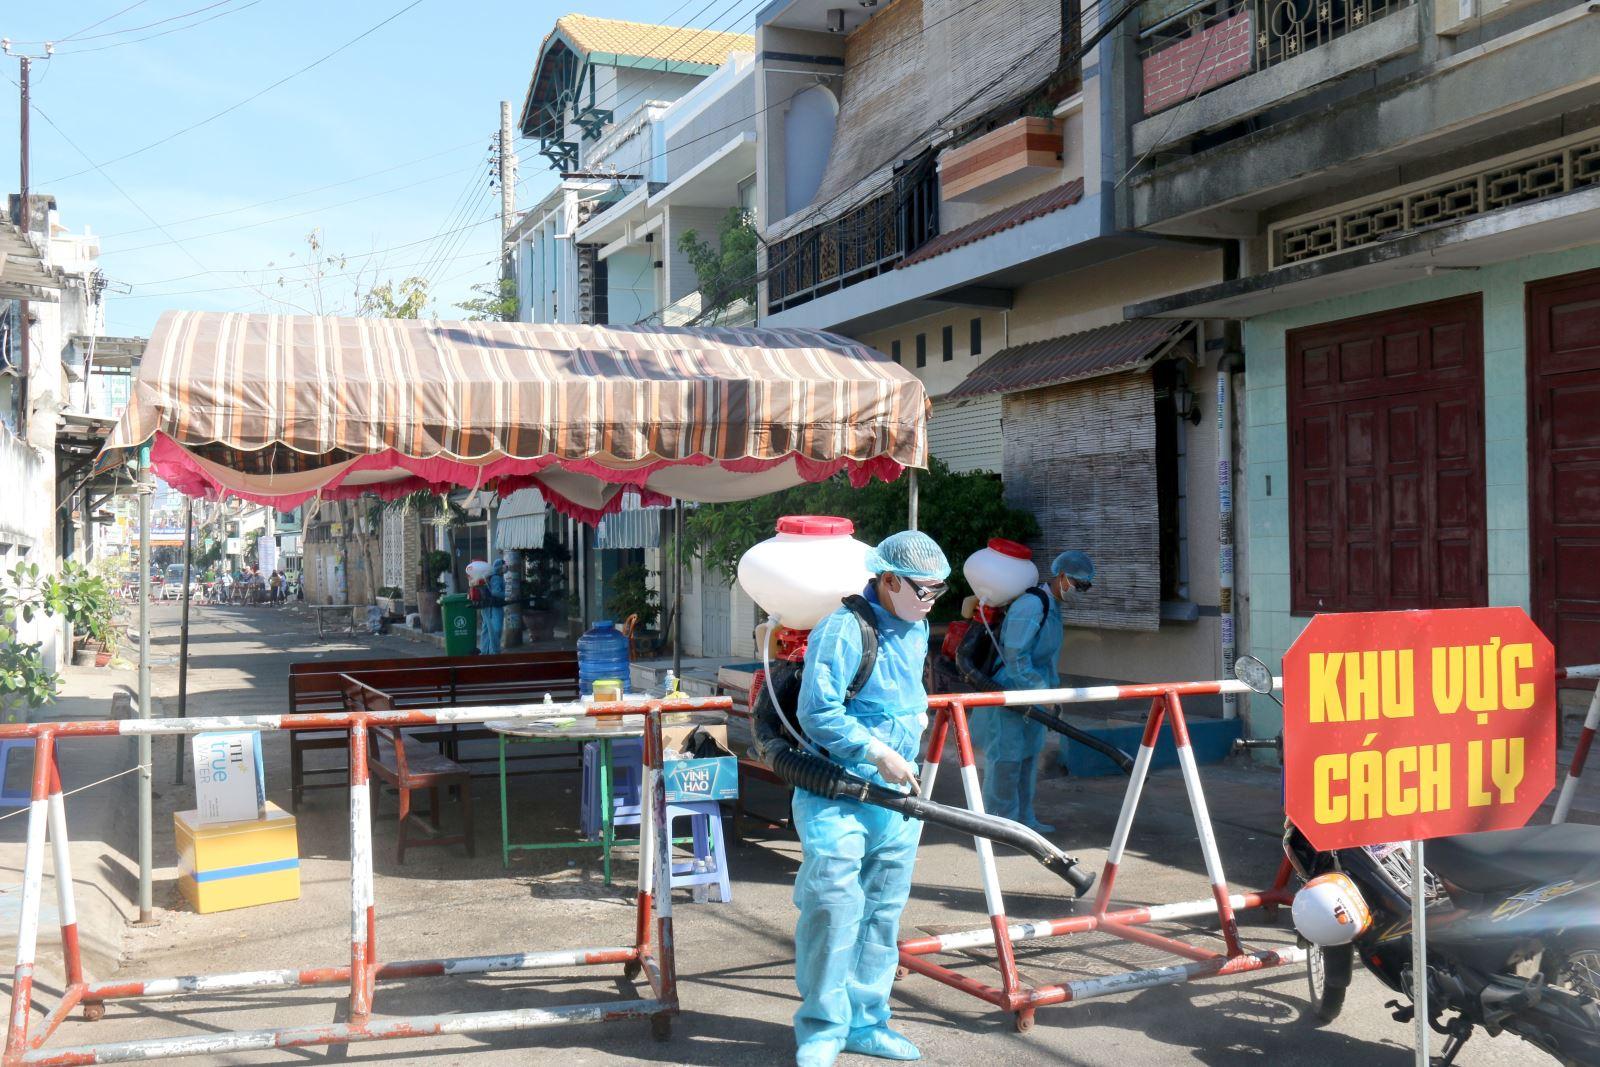 Phun thuốc diệt khuẩn 2 lần/ngày tại khu cách ly phường Đức Thắng, thành phố Phan Thiết. Ảnh: Nguyễn Thanh - TTXVN